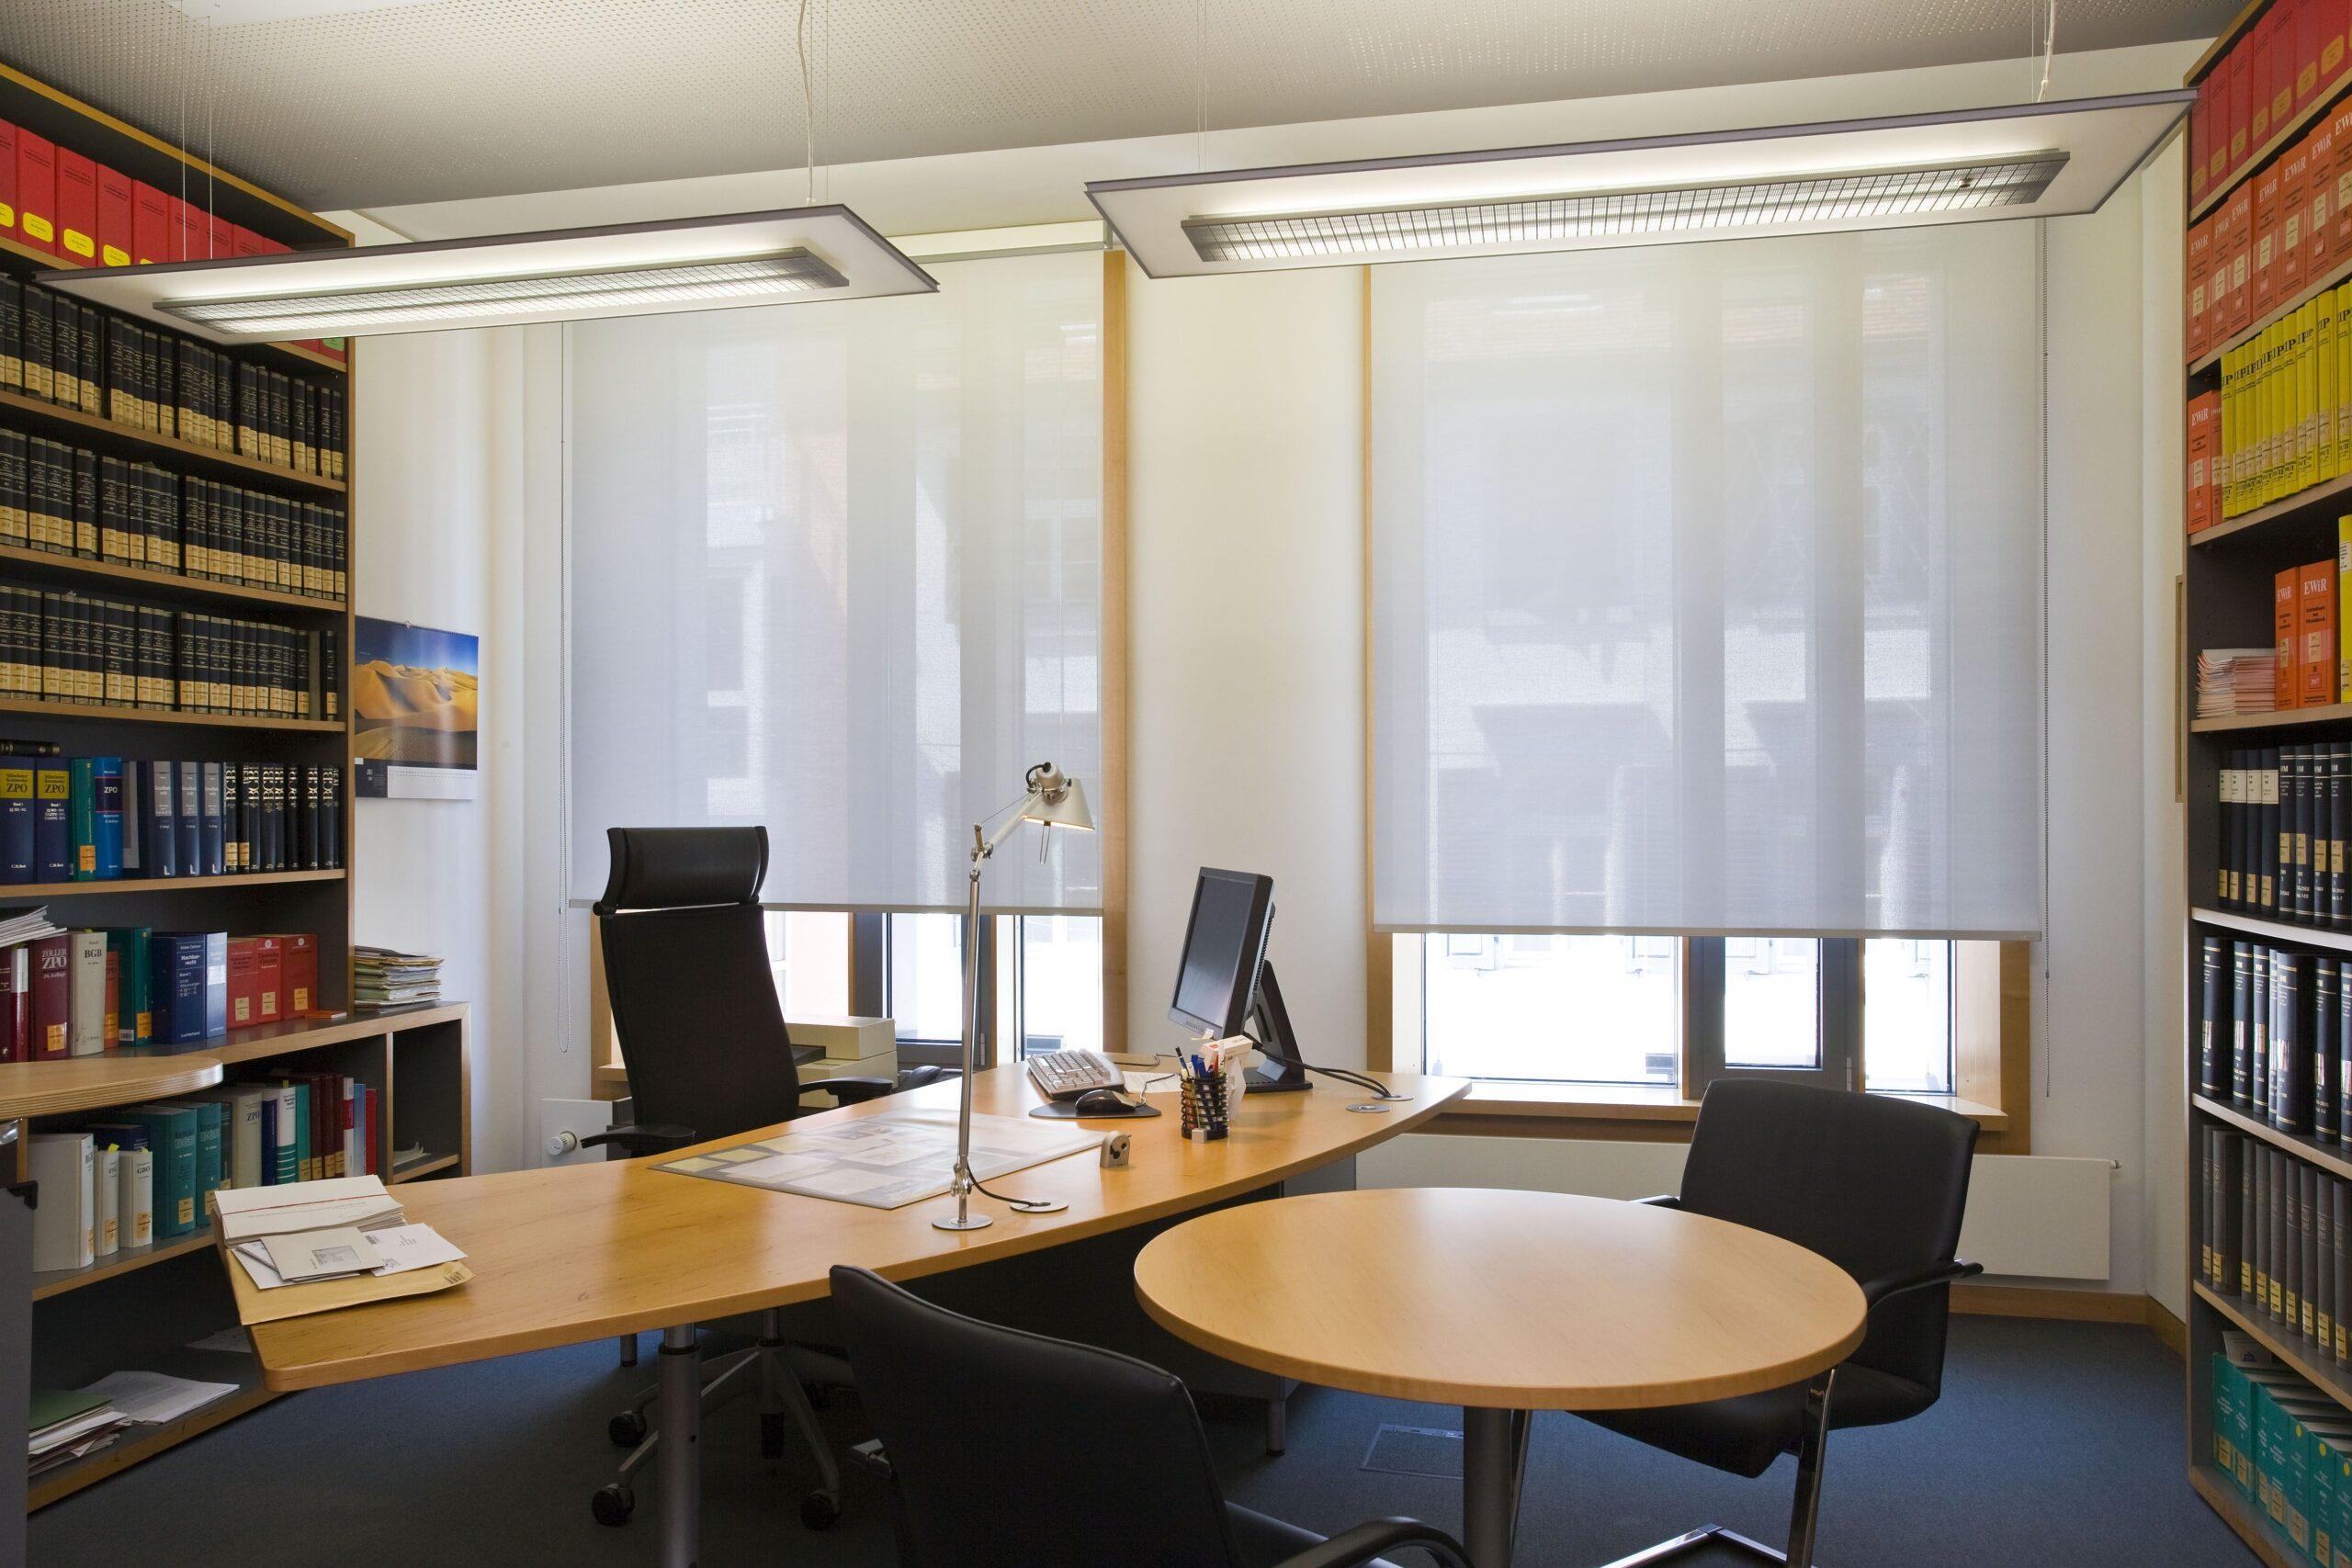 шторы в офис идеи фото